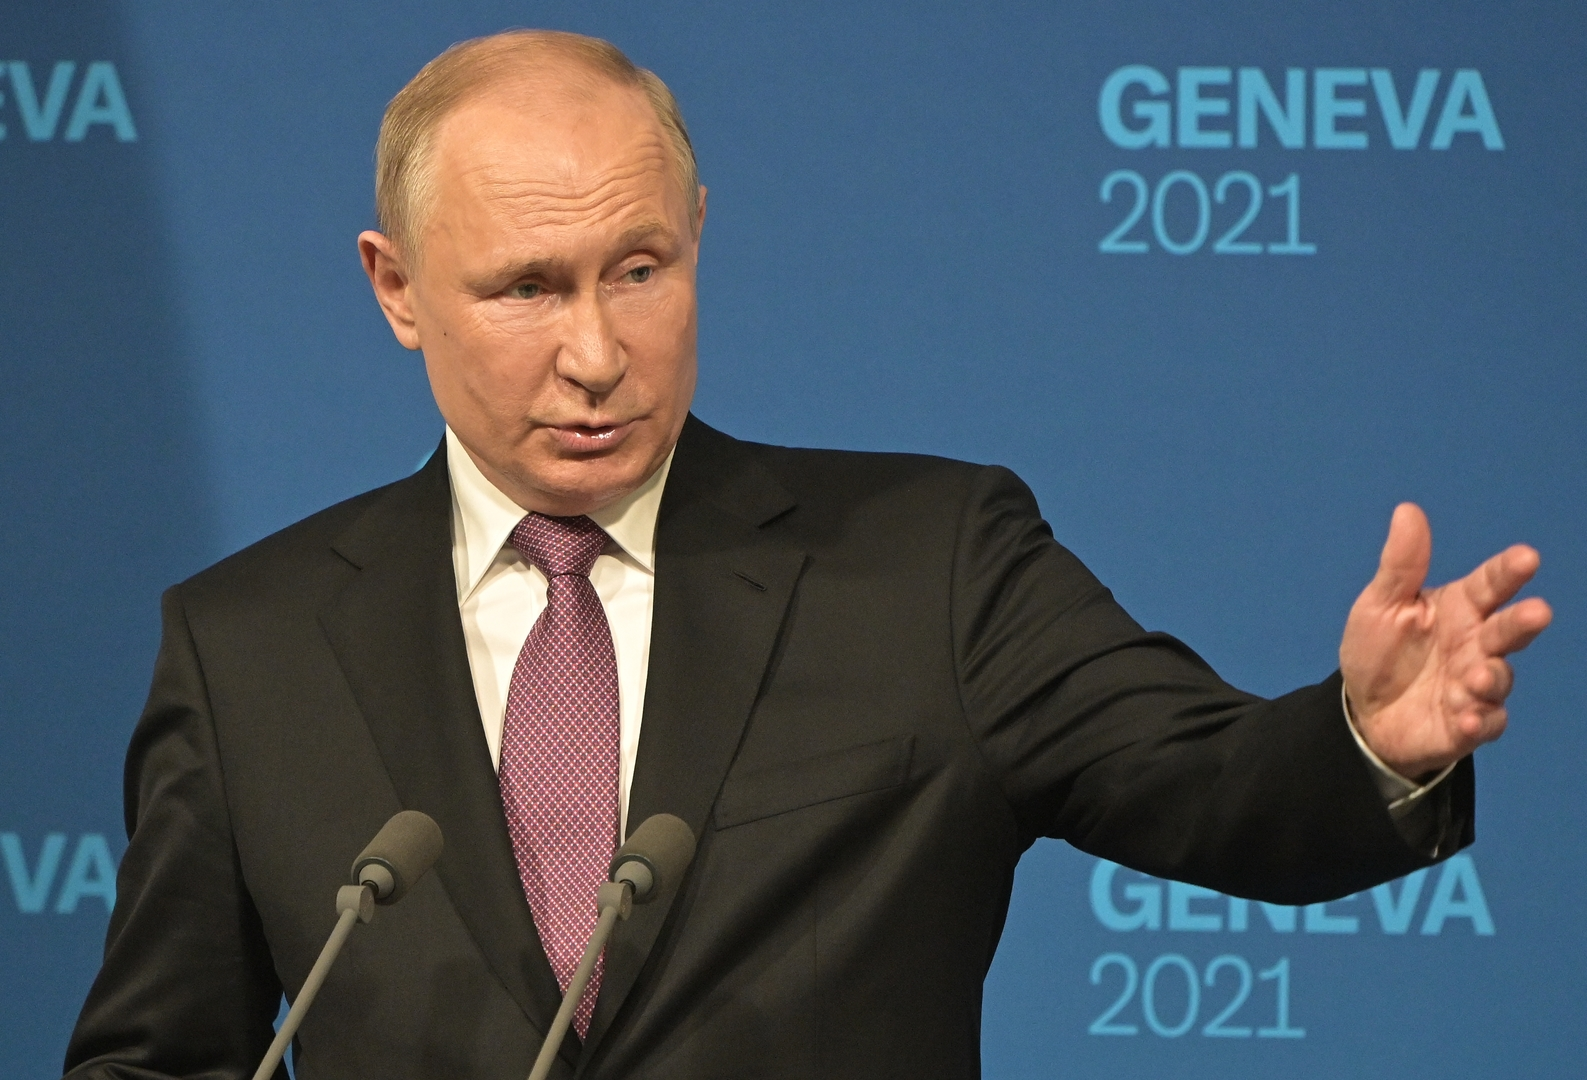 Criminalité, guerre, torture... Poutine interroge l'attachement américain aux droits de l'homme